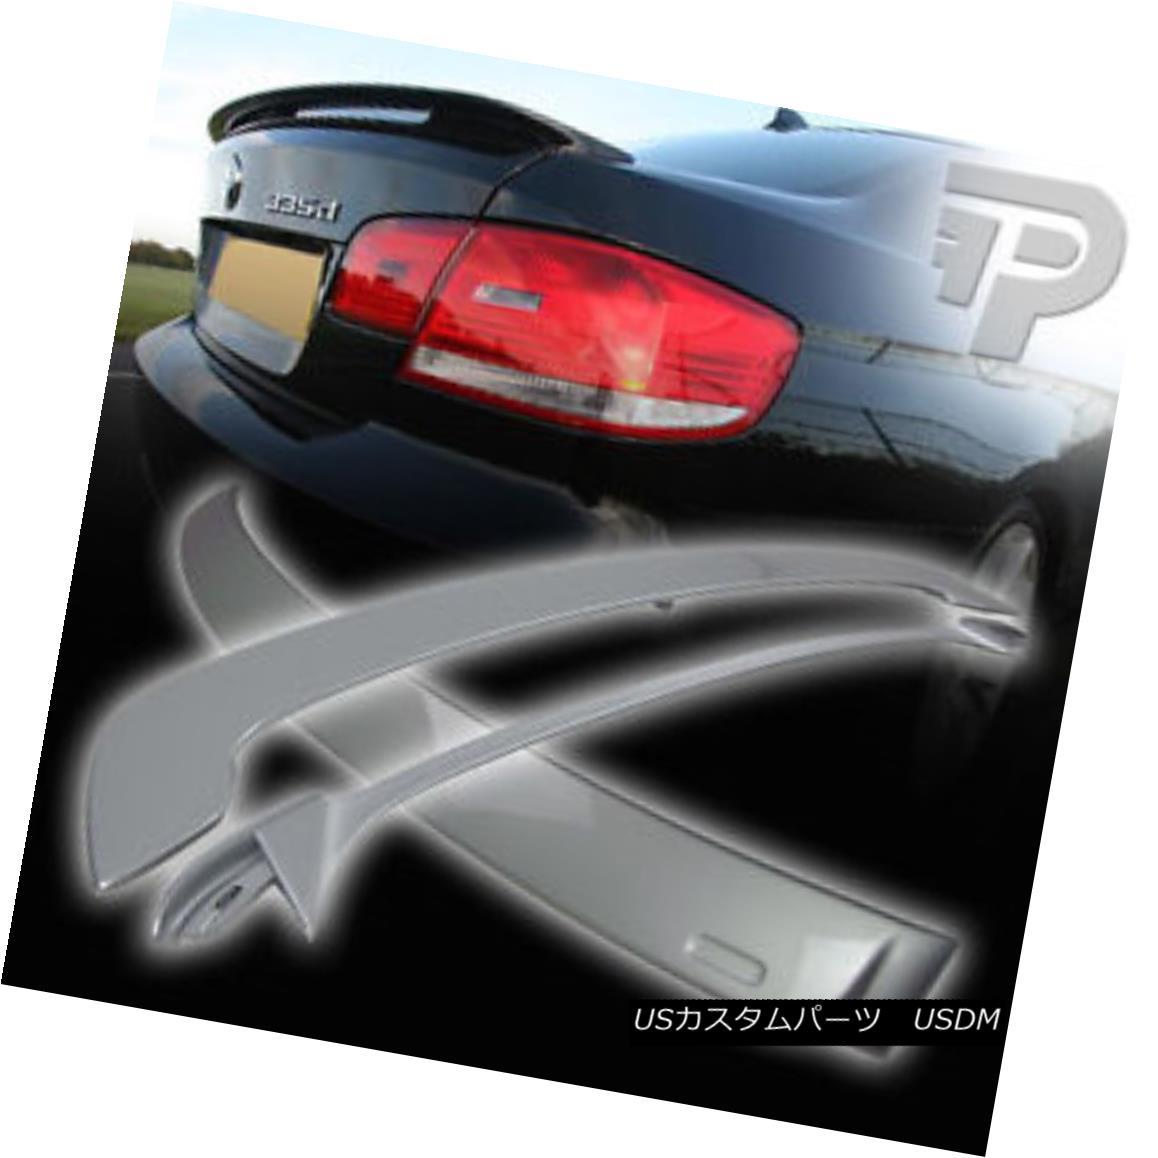 エアロパーツ PAINTED BMW 3-SERIES E92 COUPE A ROOF & OE TYPE REAR BOOT TRUNK SPOILER 07+ ▼ ペイントされたBMW 3シリーズE92クーペAルーフ& OEタイプリアブーツトランクスポイラー07+?